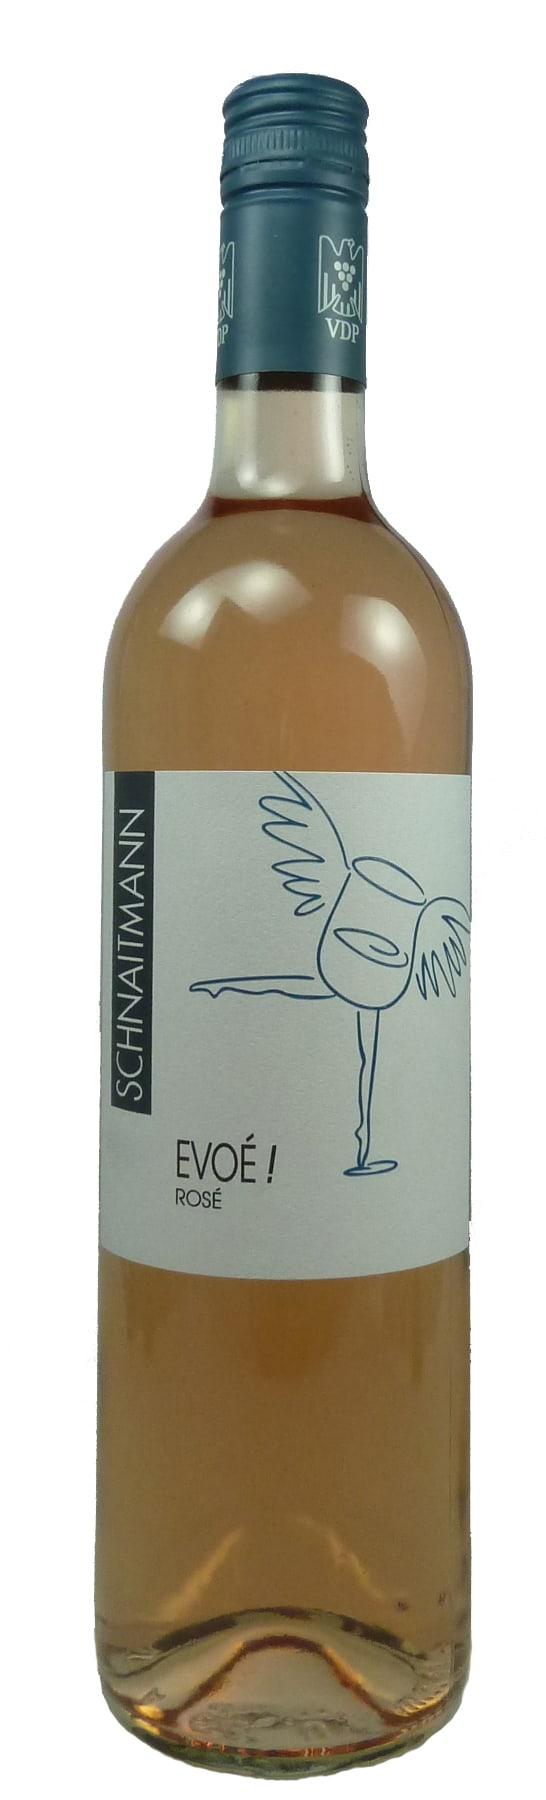 Evoé! Rosé Qualitätswein trocken 2016